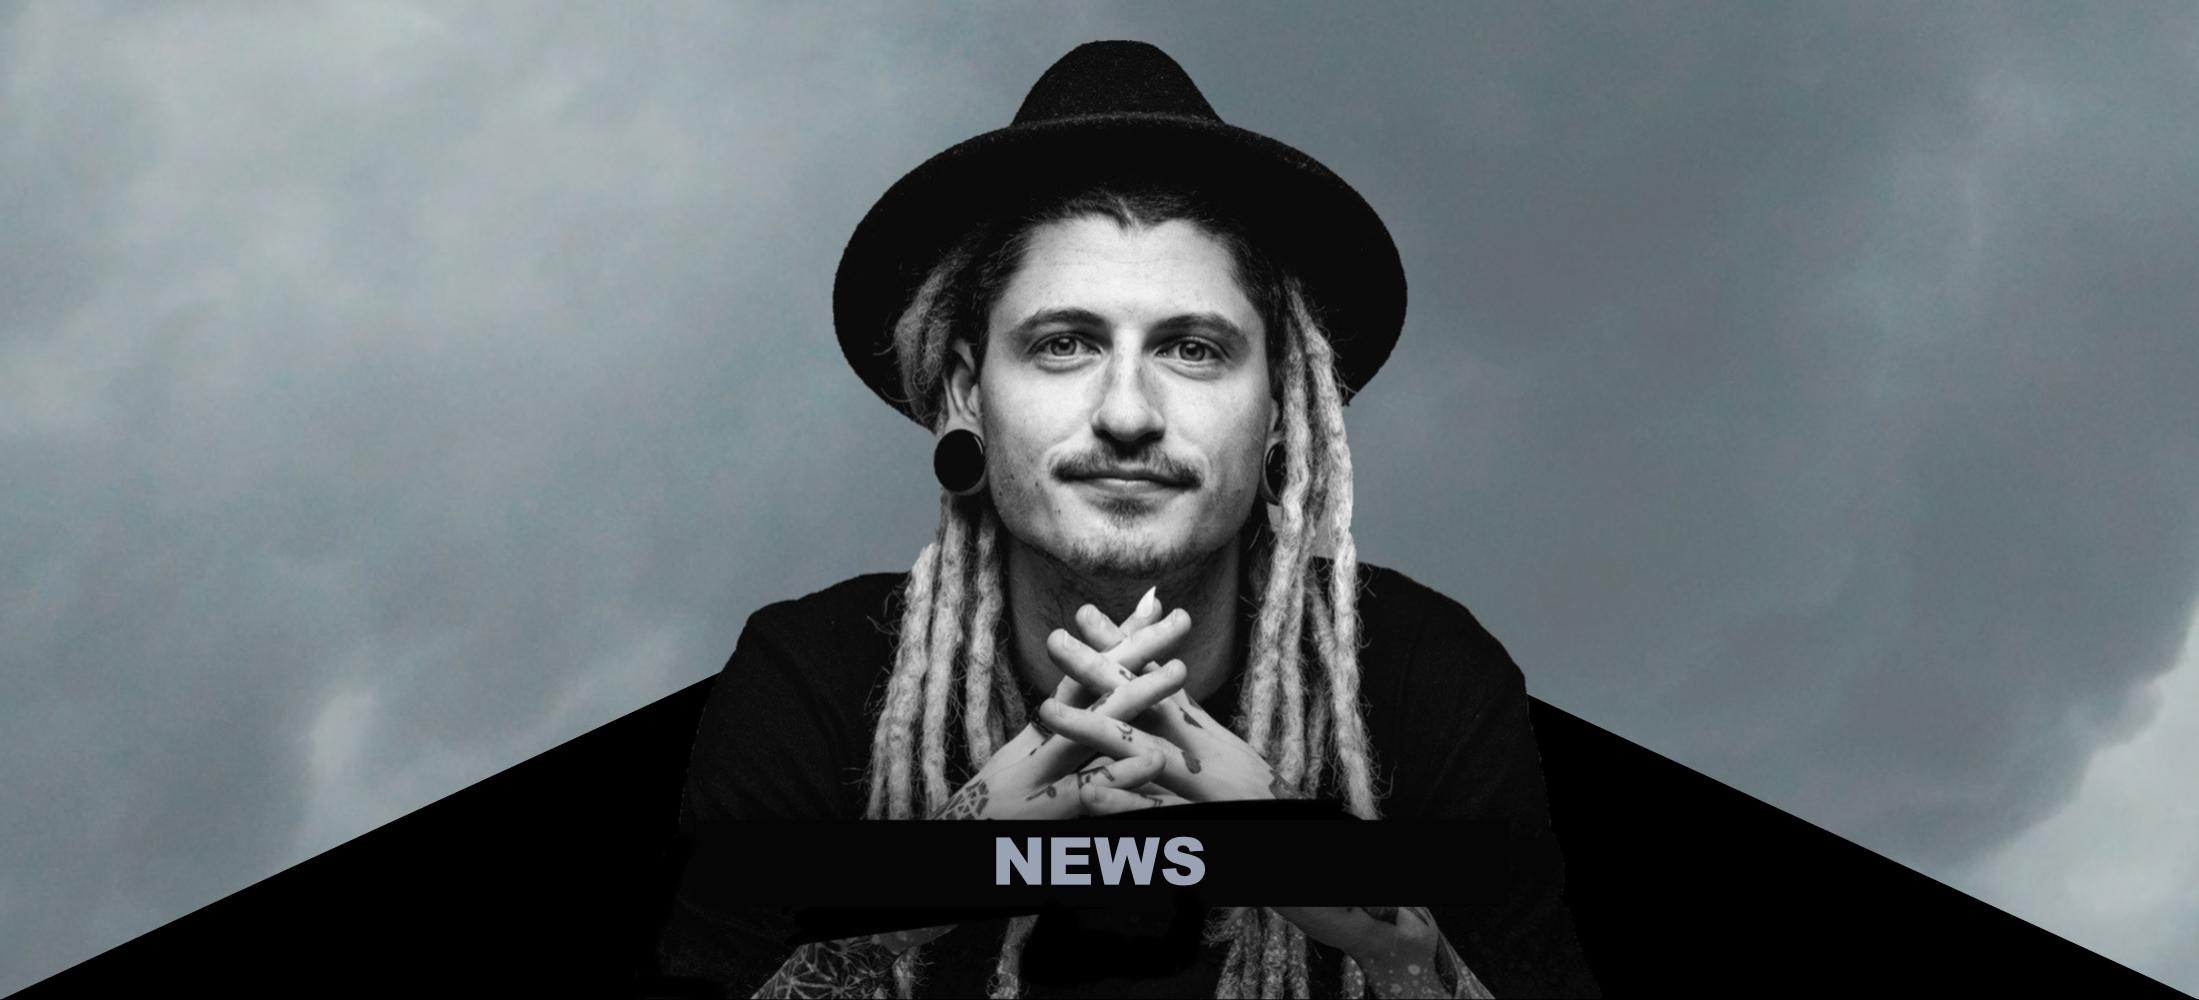 bg_hero_news